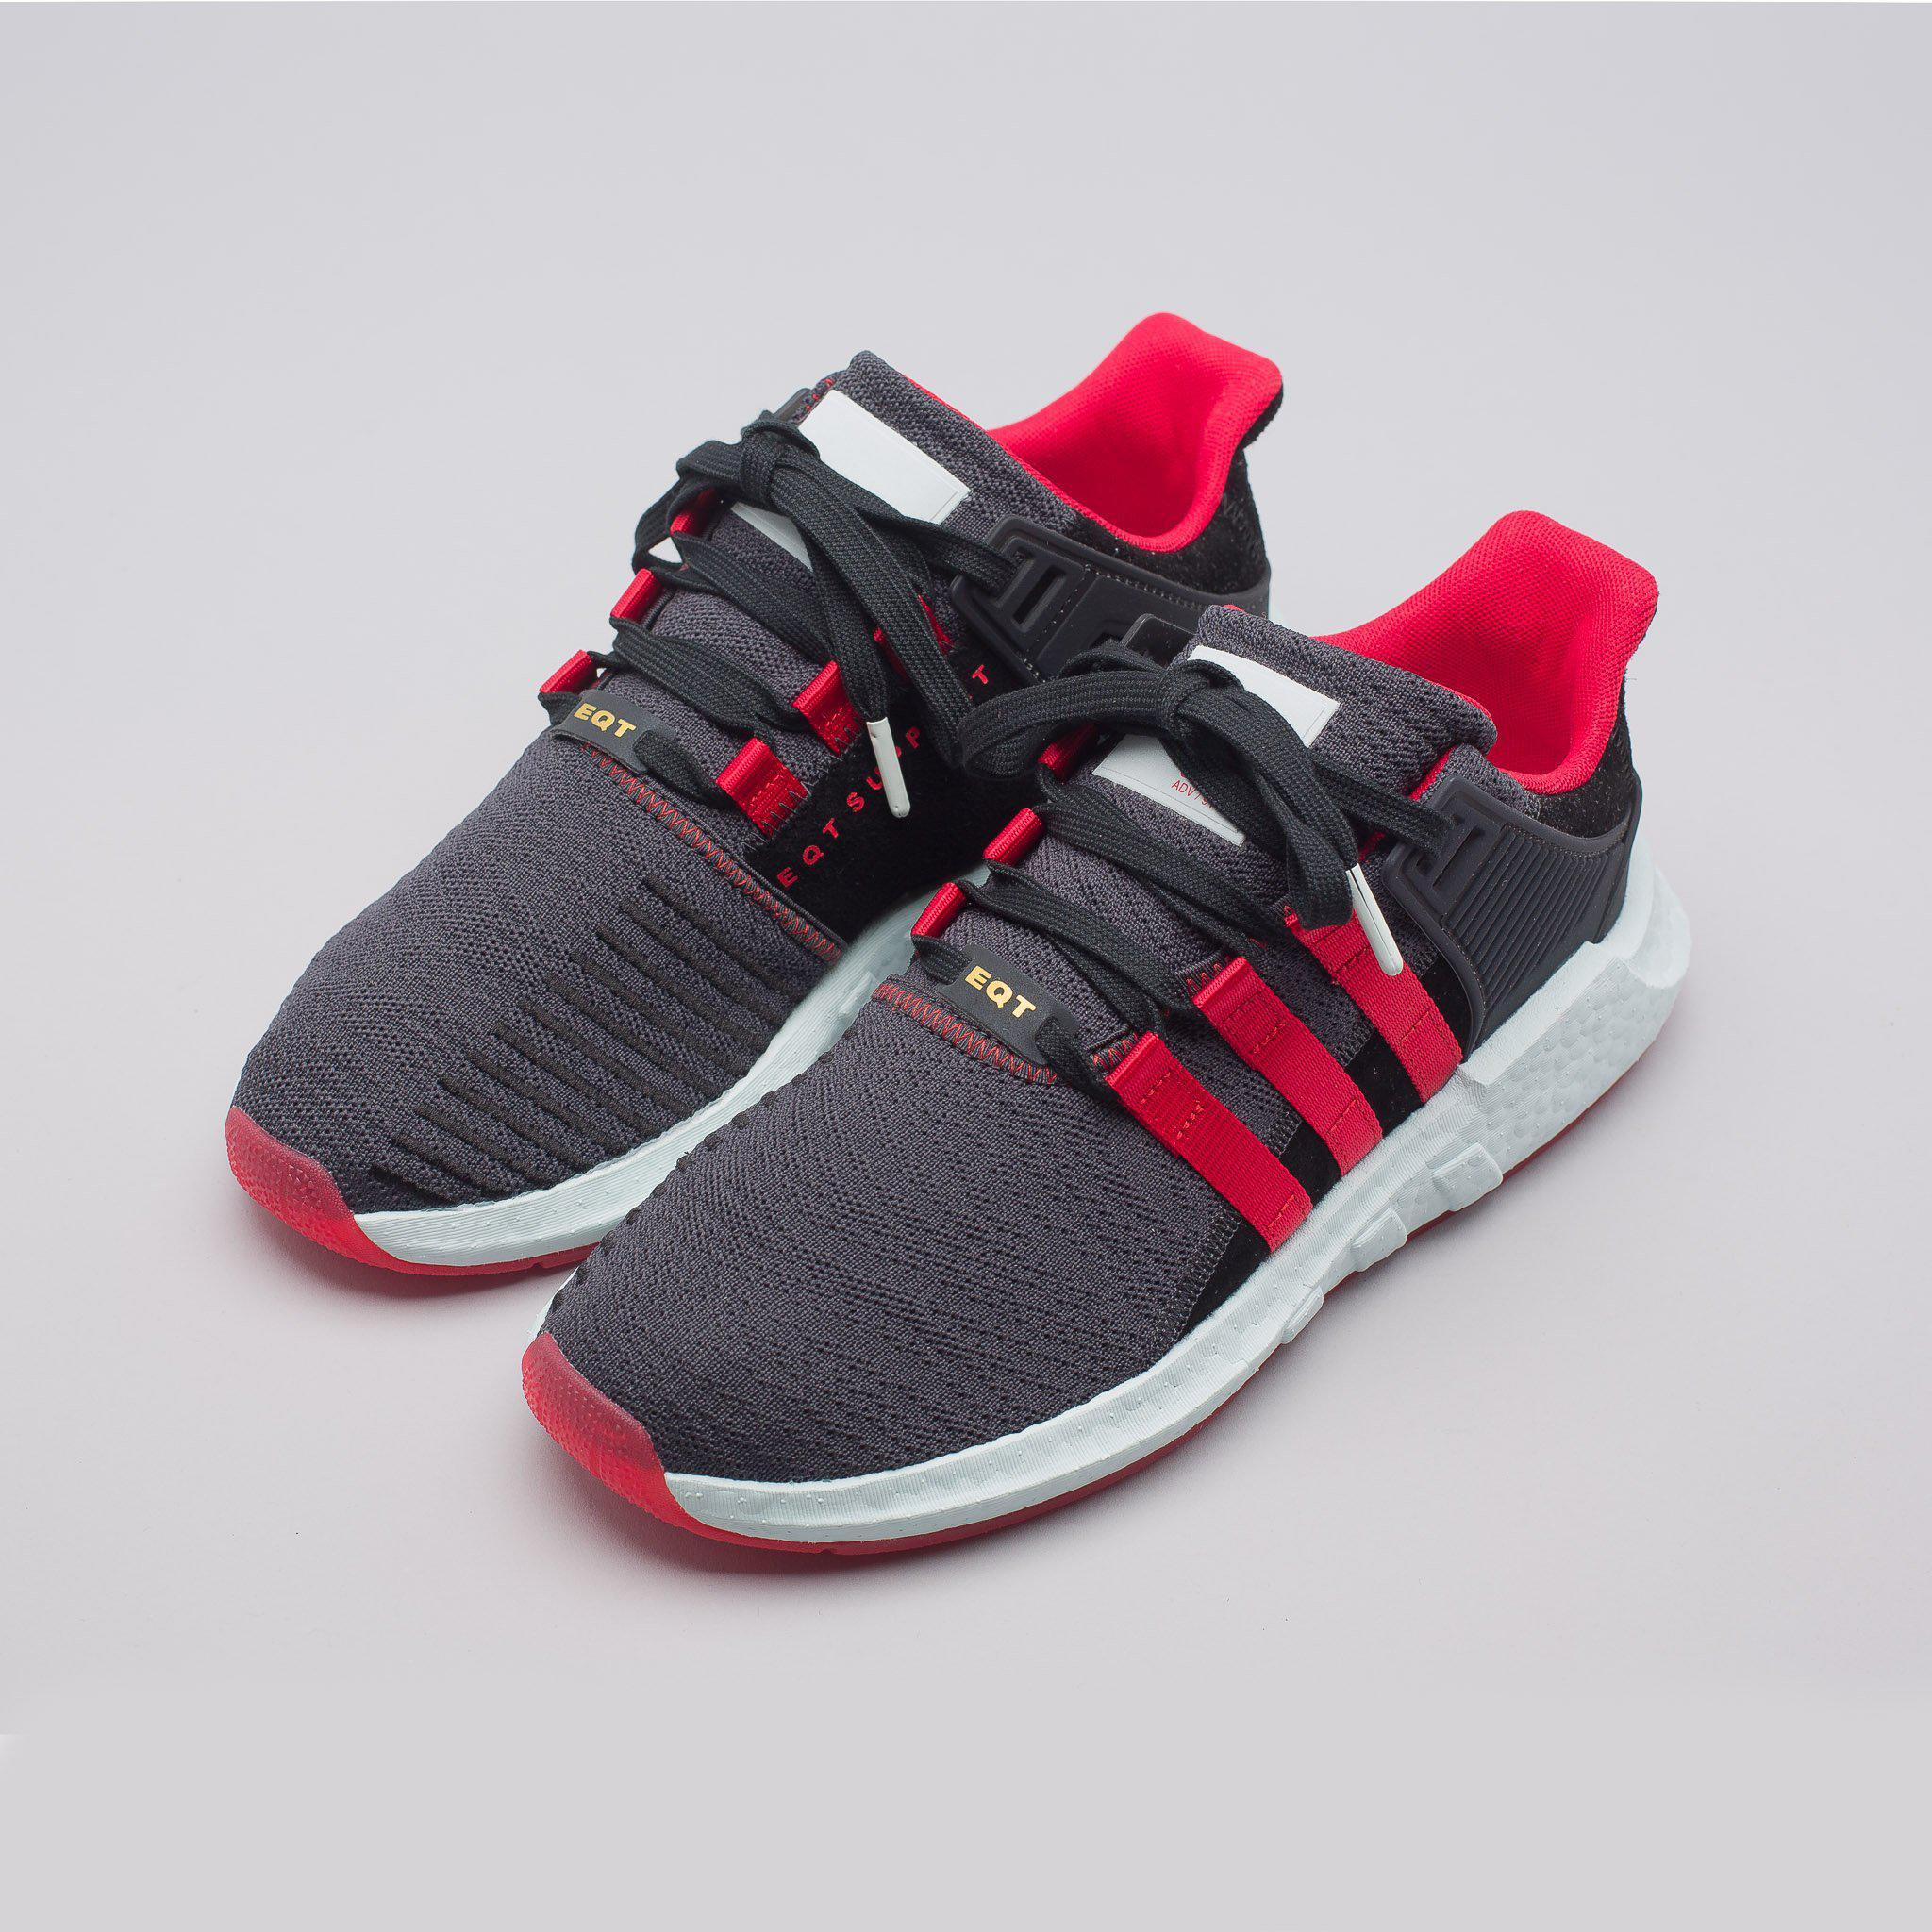 0f2c1a9ad37 wholesale dealer 8b56f 32092 adidas originals eqt support 9317 ...